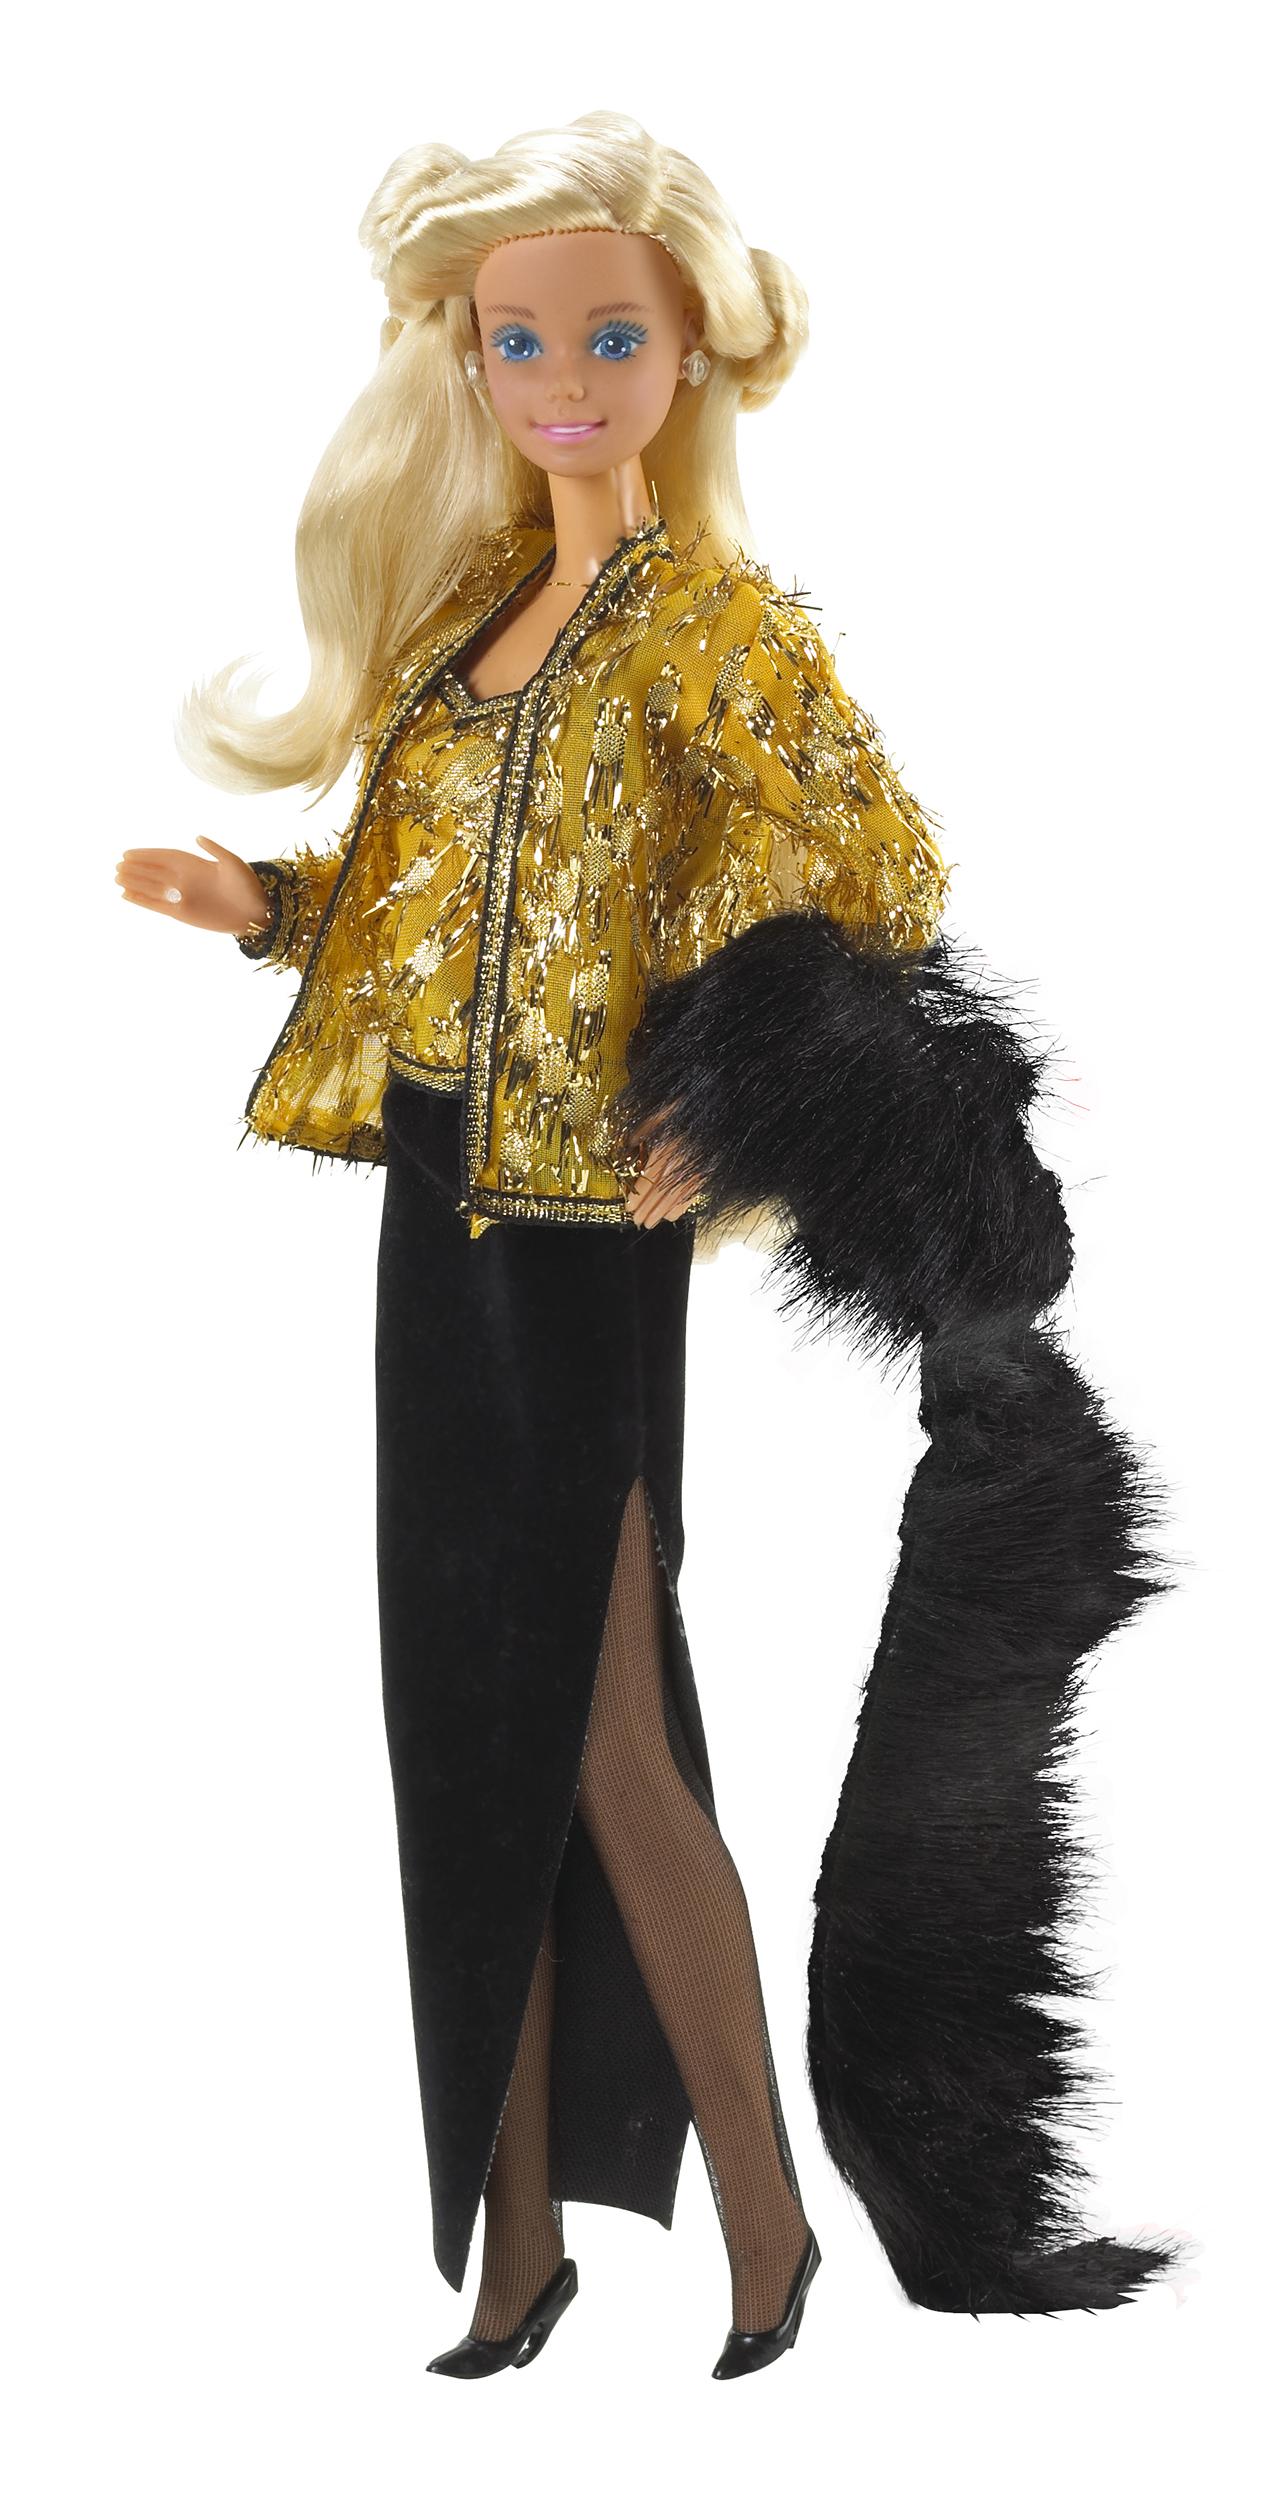 The Oscar de la Renta Barbie Doll, released in 1985.